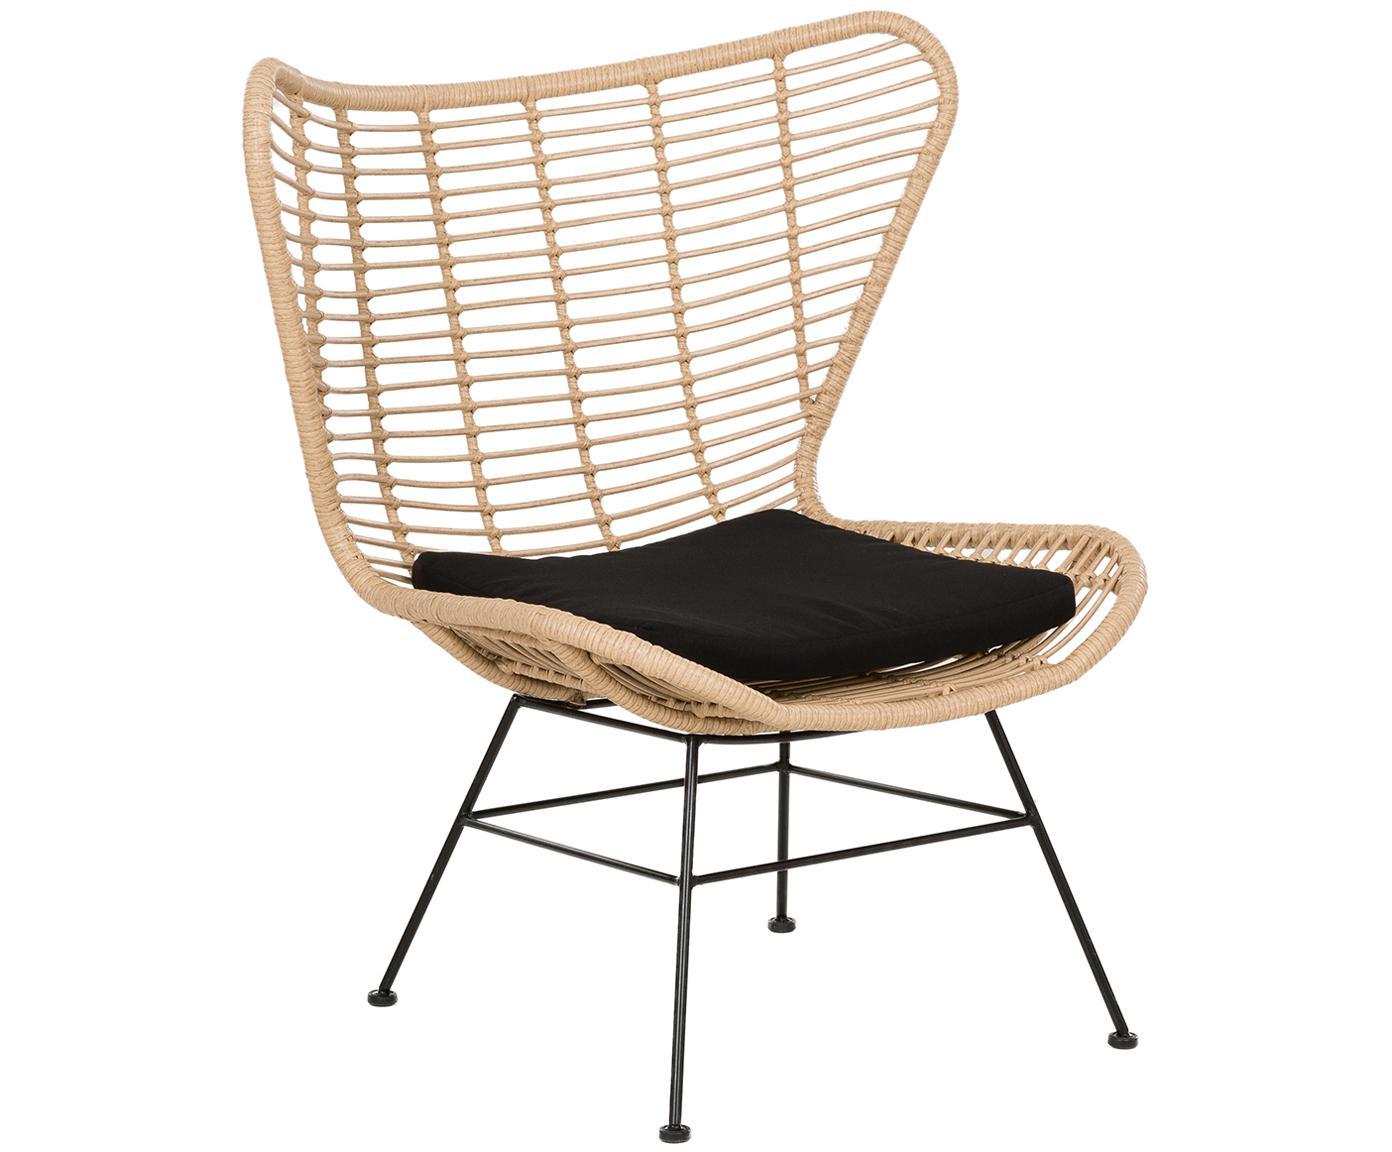 Loungesessel Costa mit Polyrattan, Sitzfläche: Polyethylen-Geflecht, Gestell: Metall, pulverbeschichtet, Hellbraun, B 90 x T 89 cm